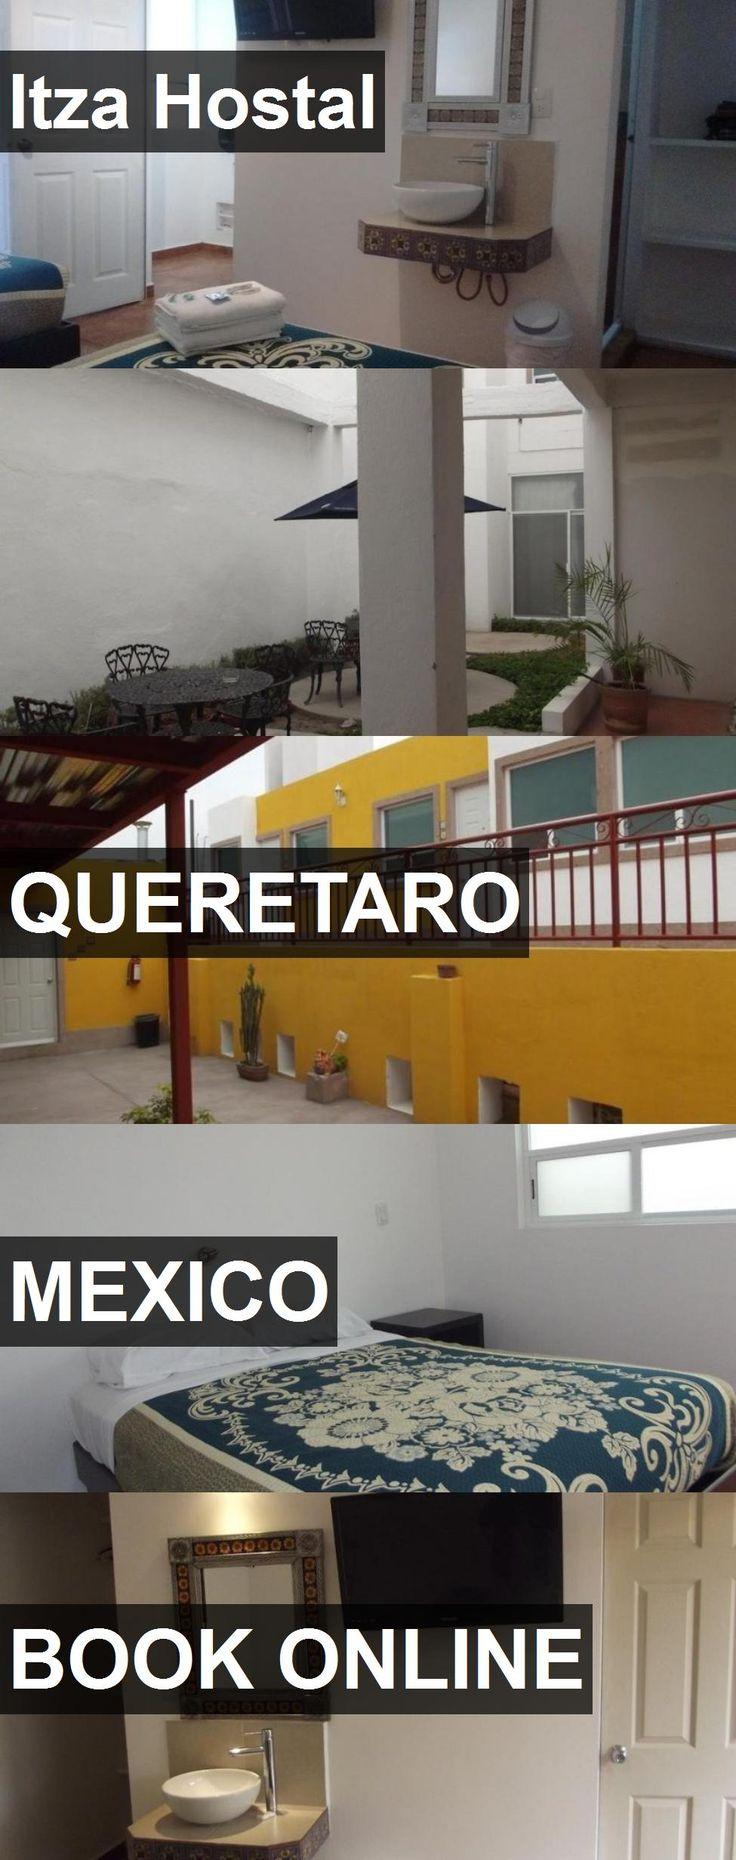 Muebles Juriquilla Los Mochis - M S De 25 Ideas Incre Bles Sobre Hostales En Queretaro En [mjhdah]https://image.isu.pub/150130145802-31ffab65a0a1a14ebf992bd6f6a31cac/jpg/page_1.jpg